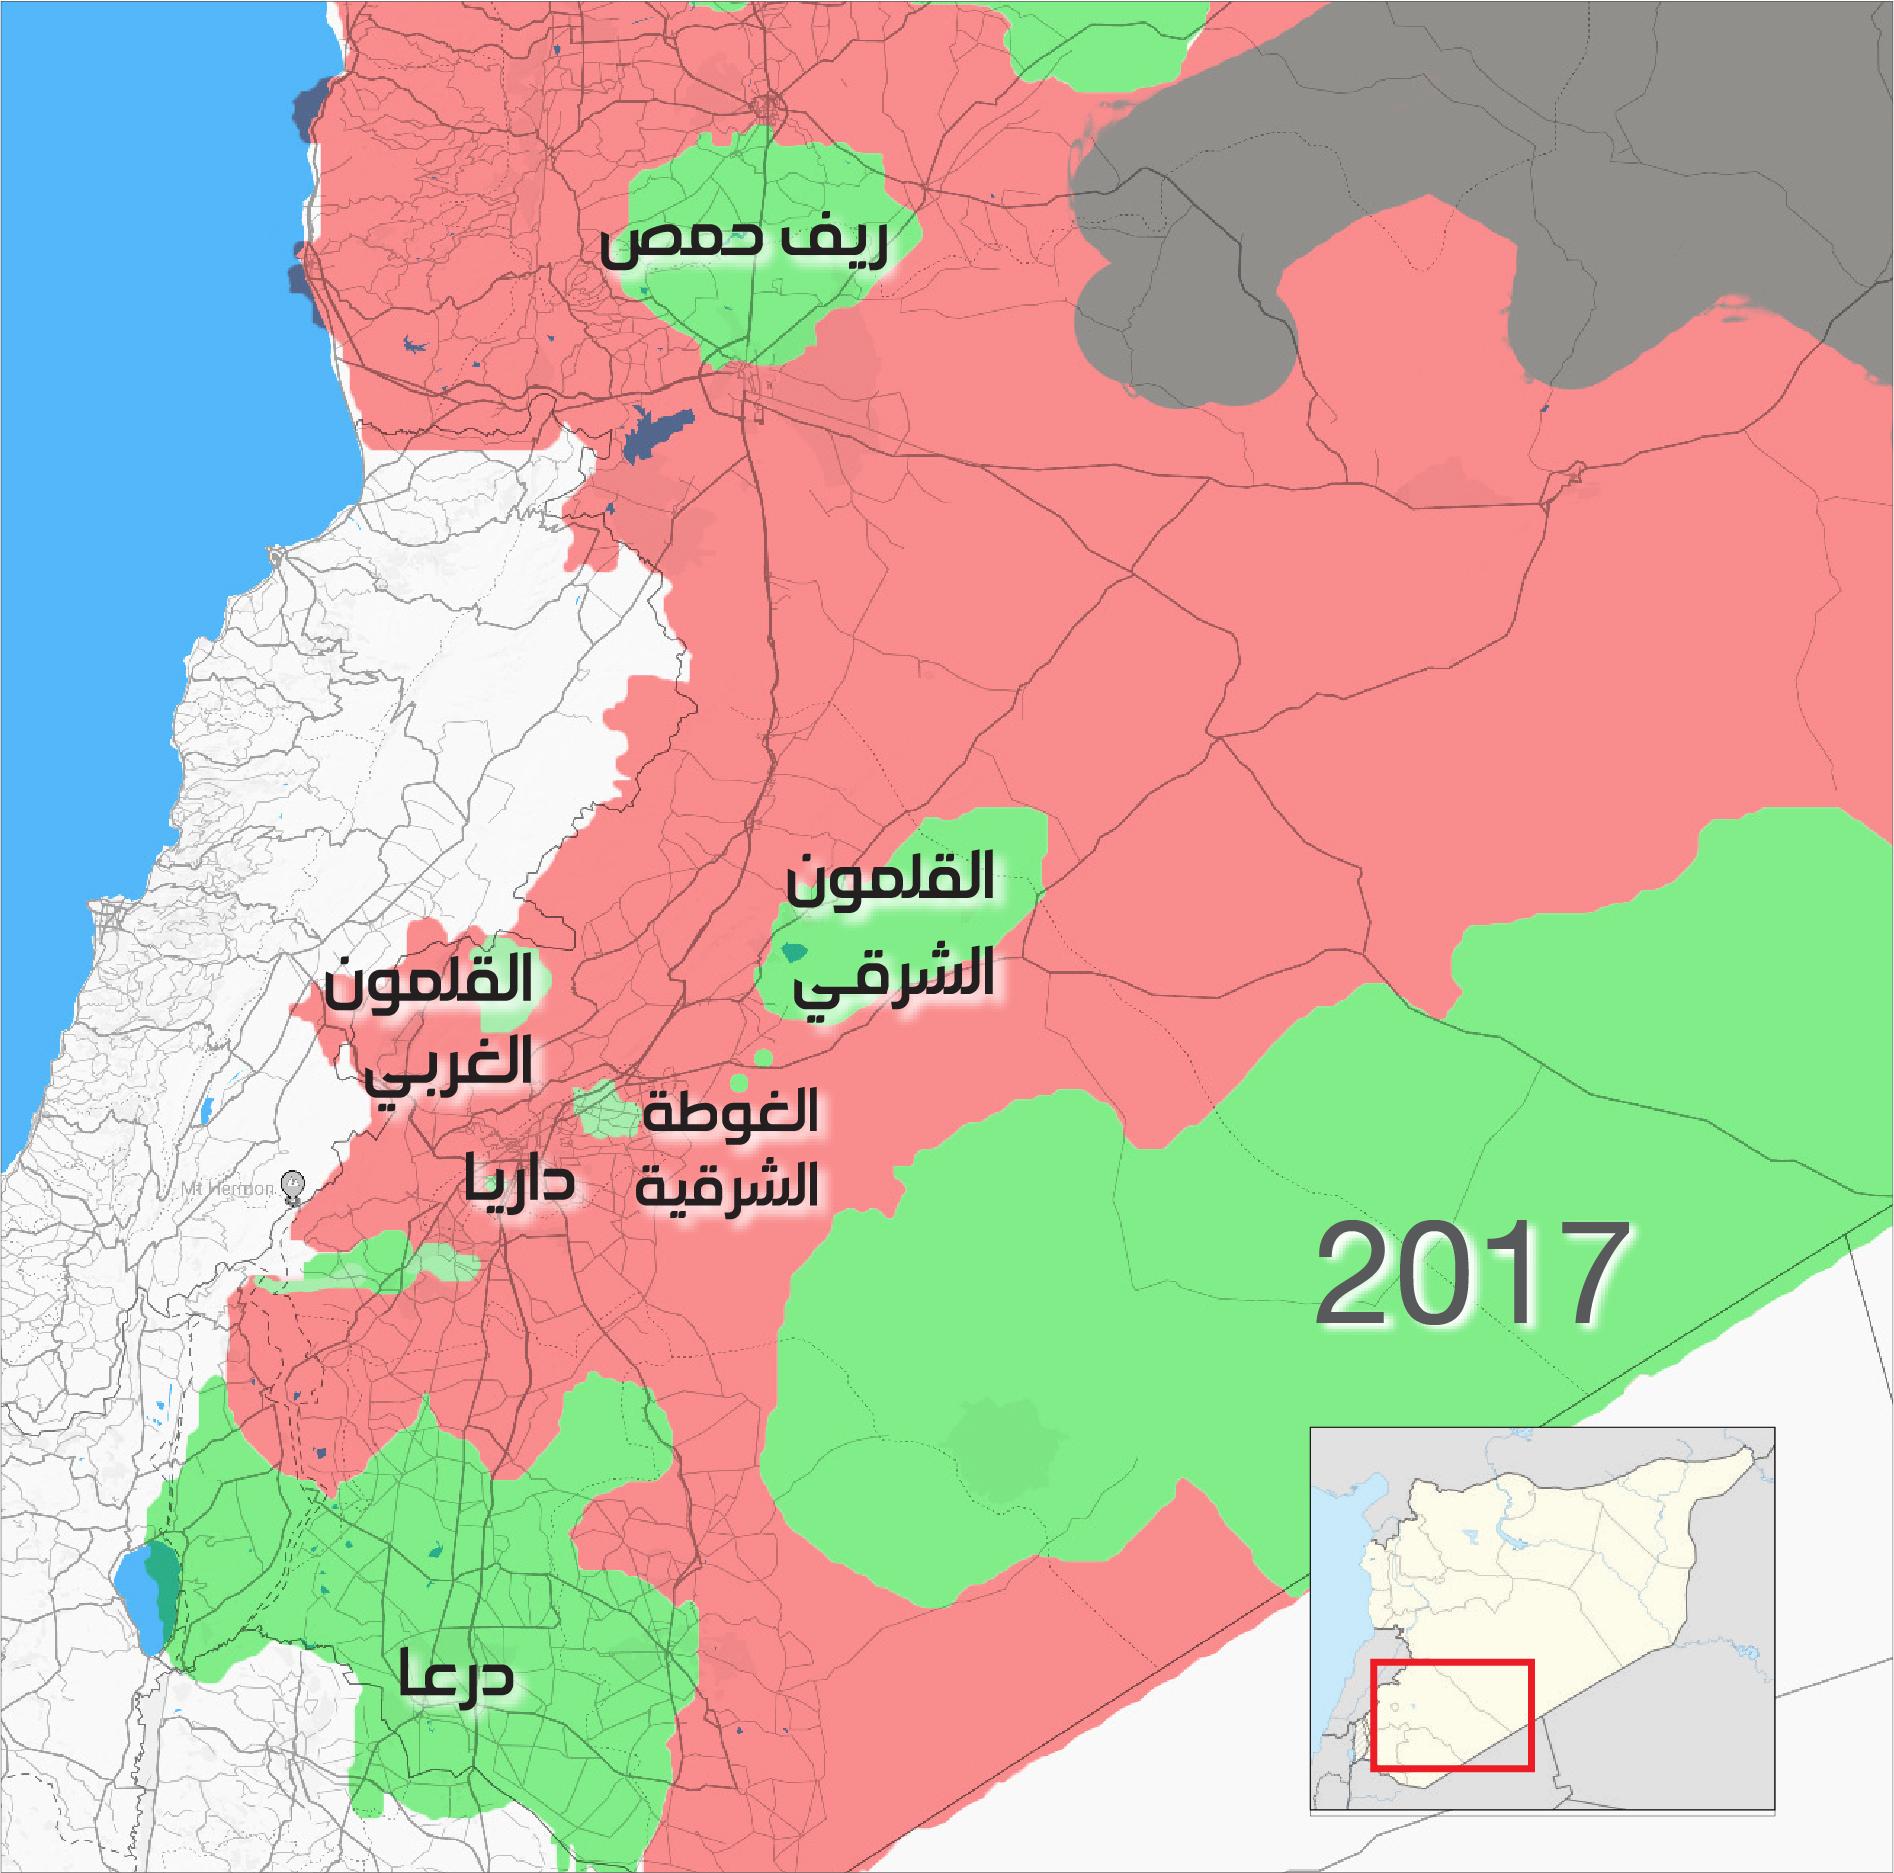 خريطة السيطرة الميدانية في سوريا قبل بدء جولات أستانة تظهر المناطق التي كانت بيد المعارضة آنذاك باللون الأخضر (عنب بلدي)